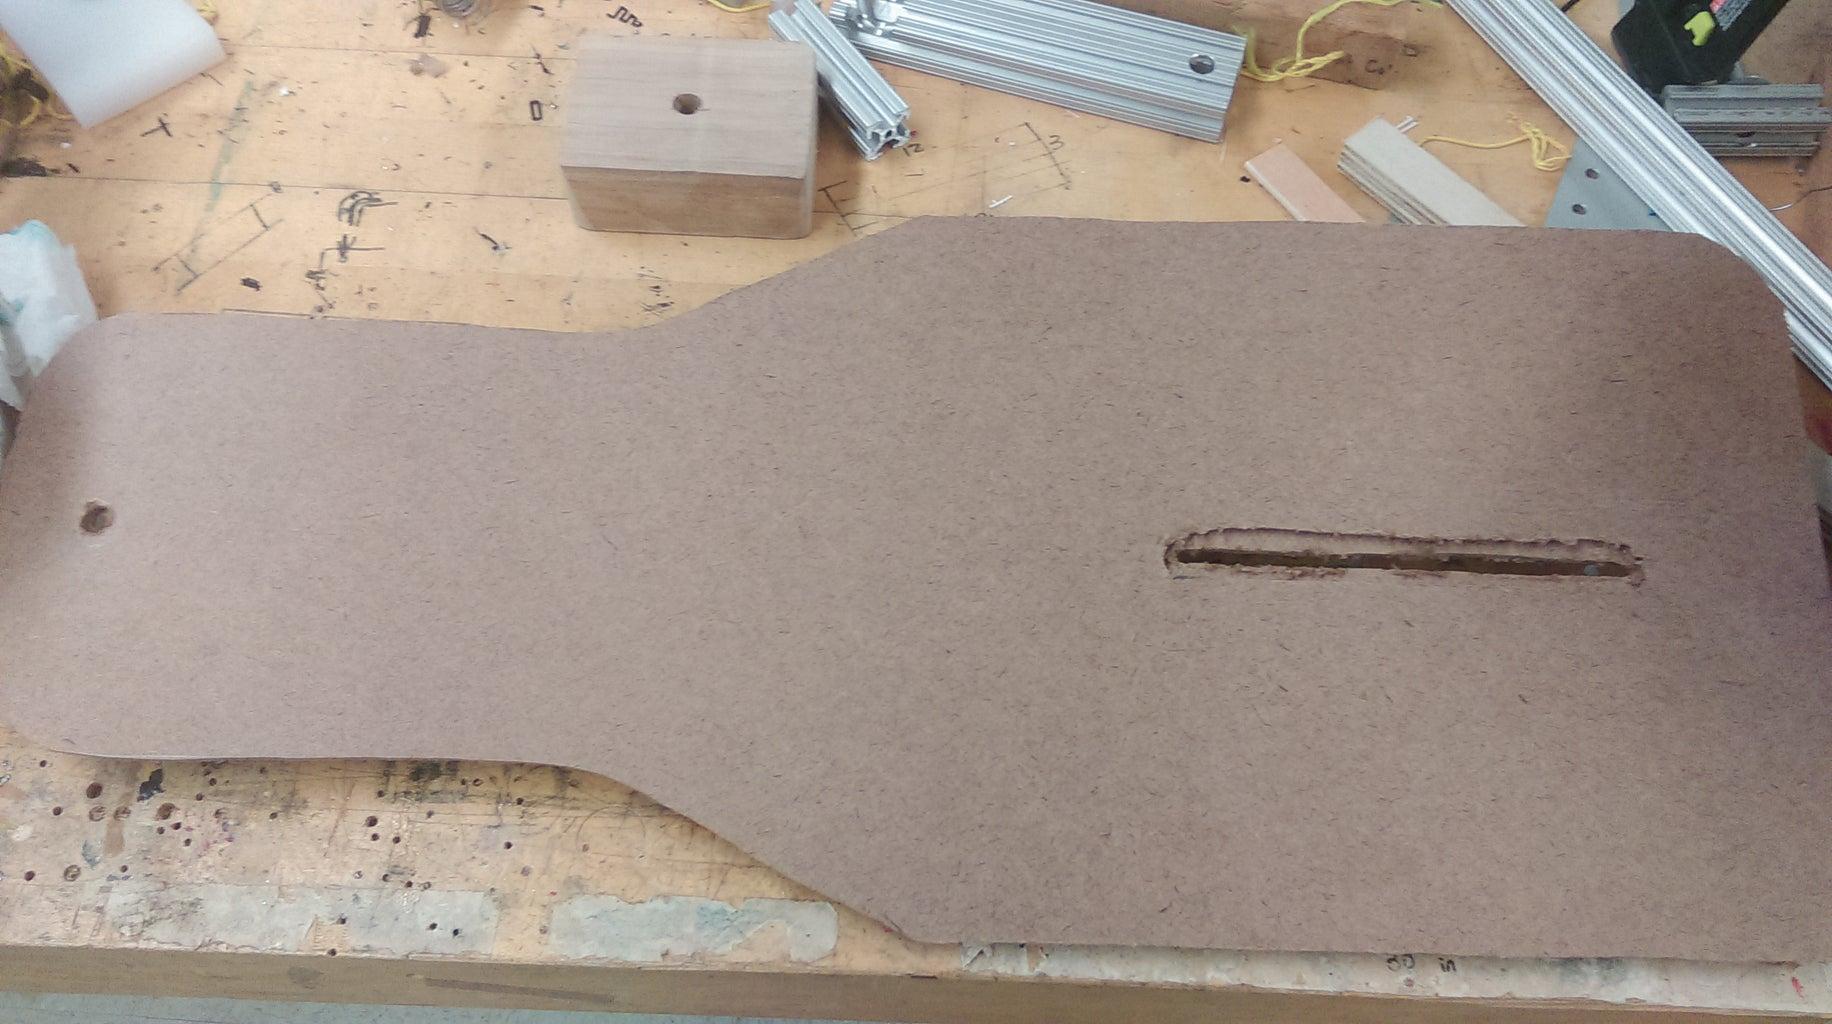 Assembling the Main Board